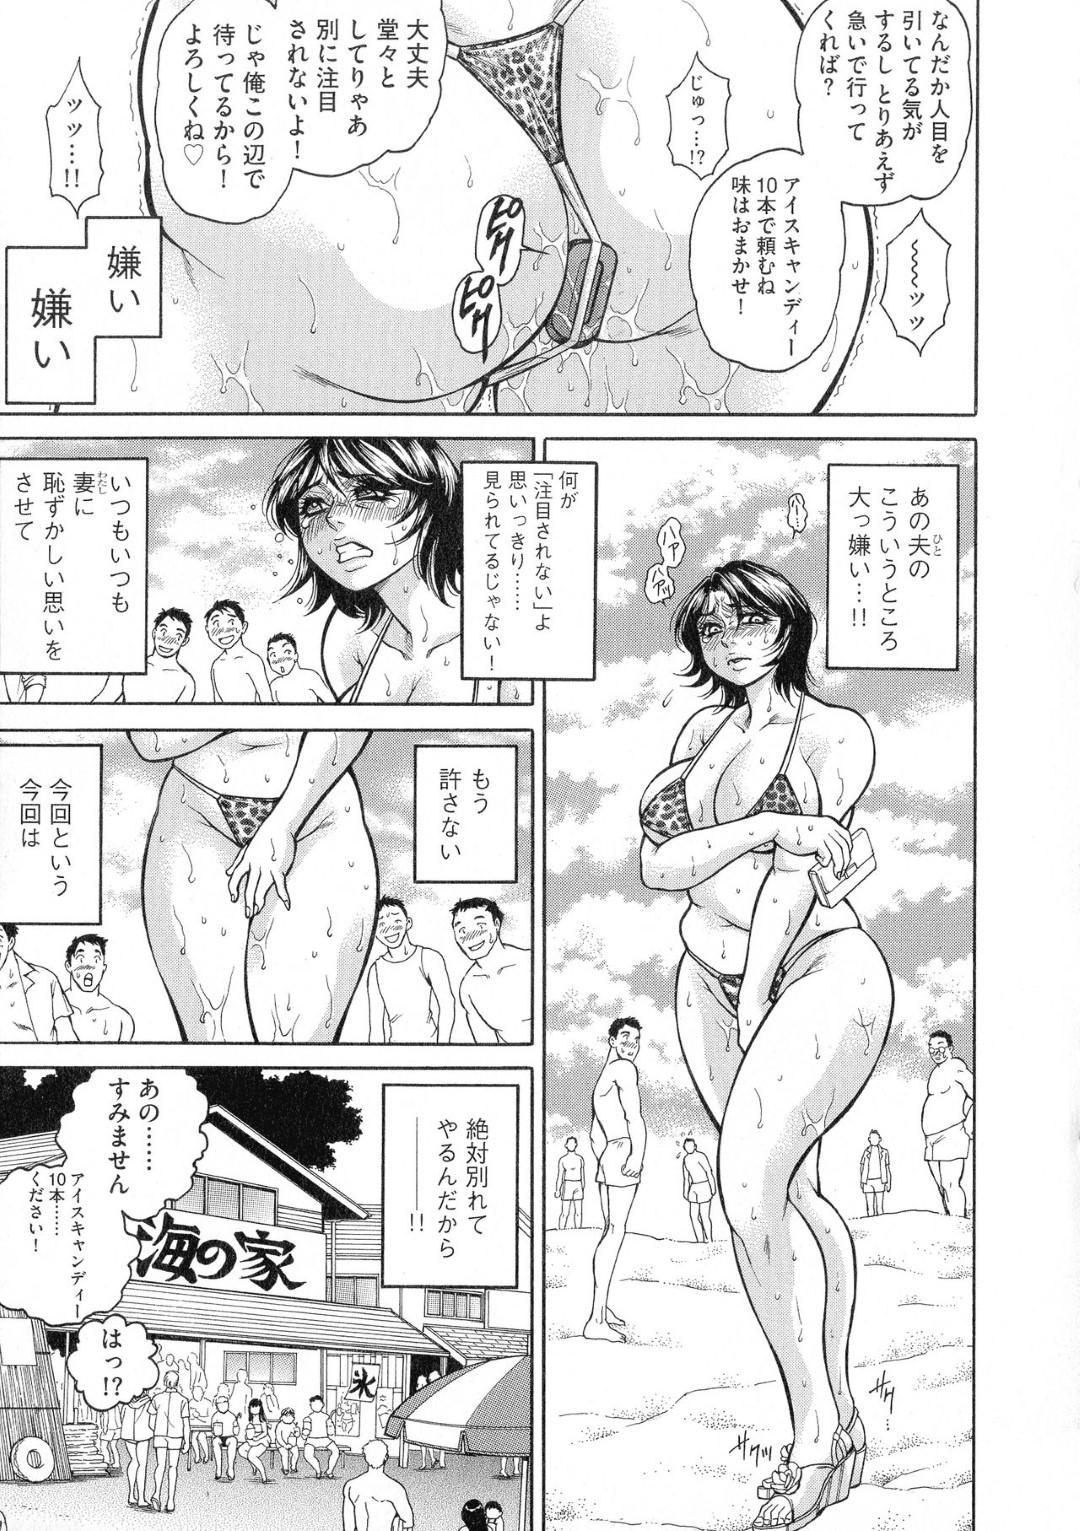 【エロ漫画】変態の夫に露出羞恥プレイを要求される熟女妻はビーチでエロ水着のままアナルを掘られ視姦で興奮しケツアクメ